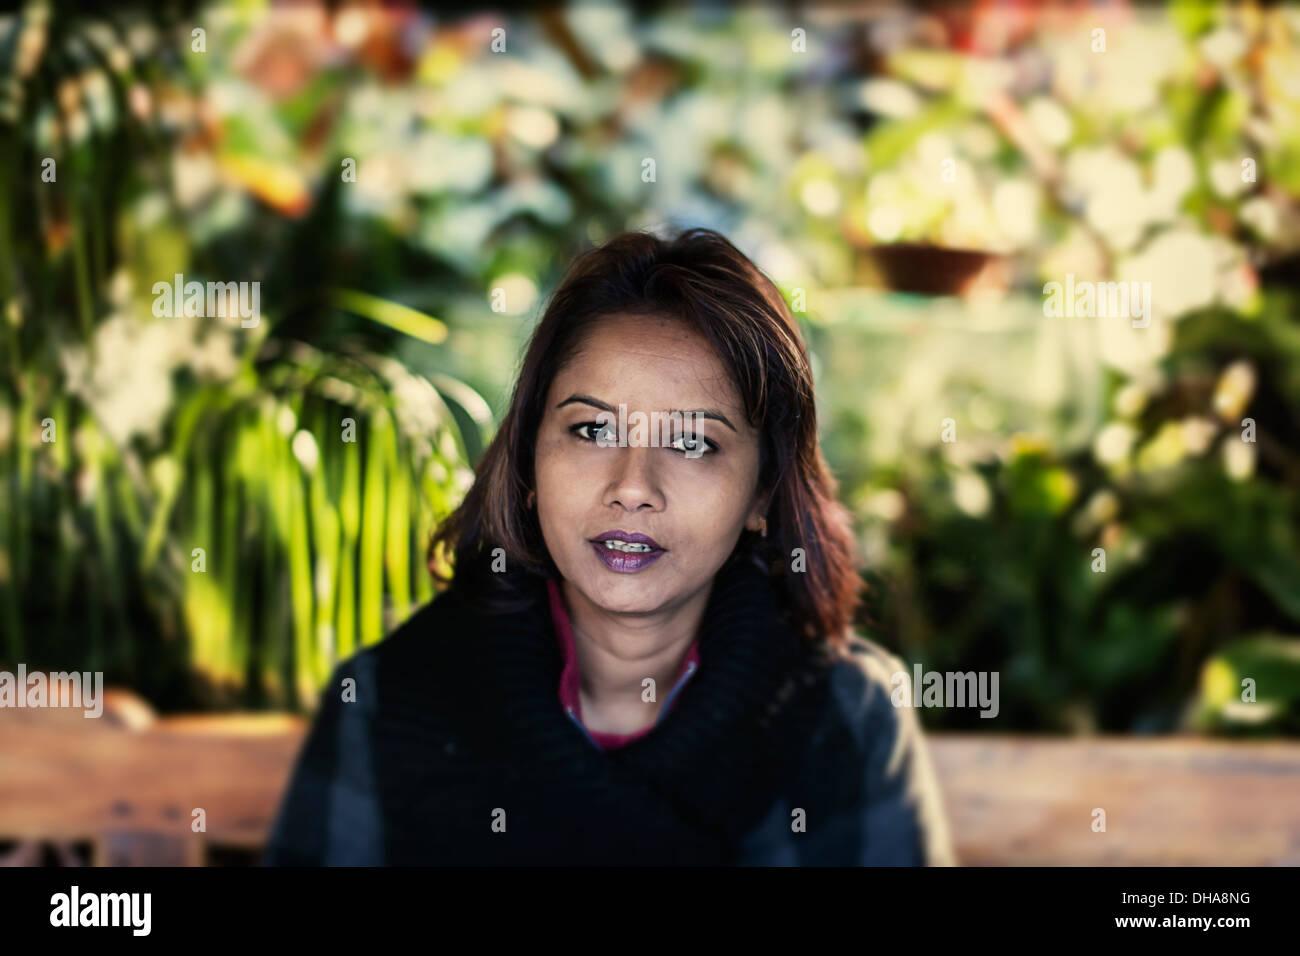 Le punjabi woman in garden Banque D'Images